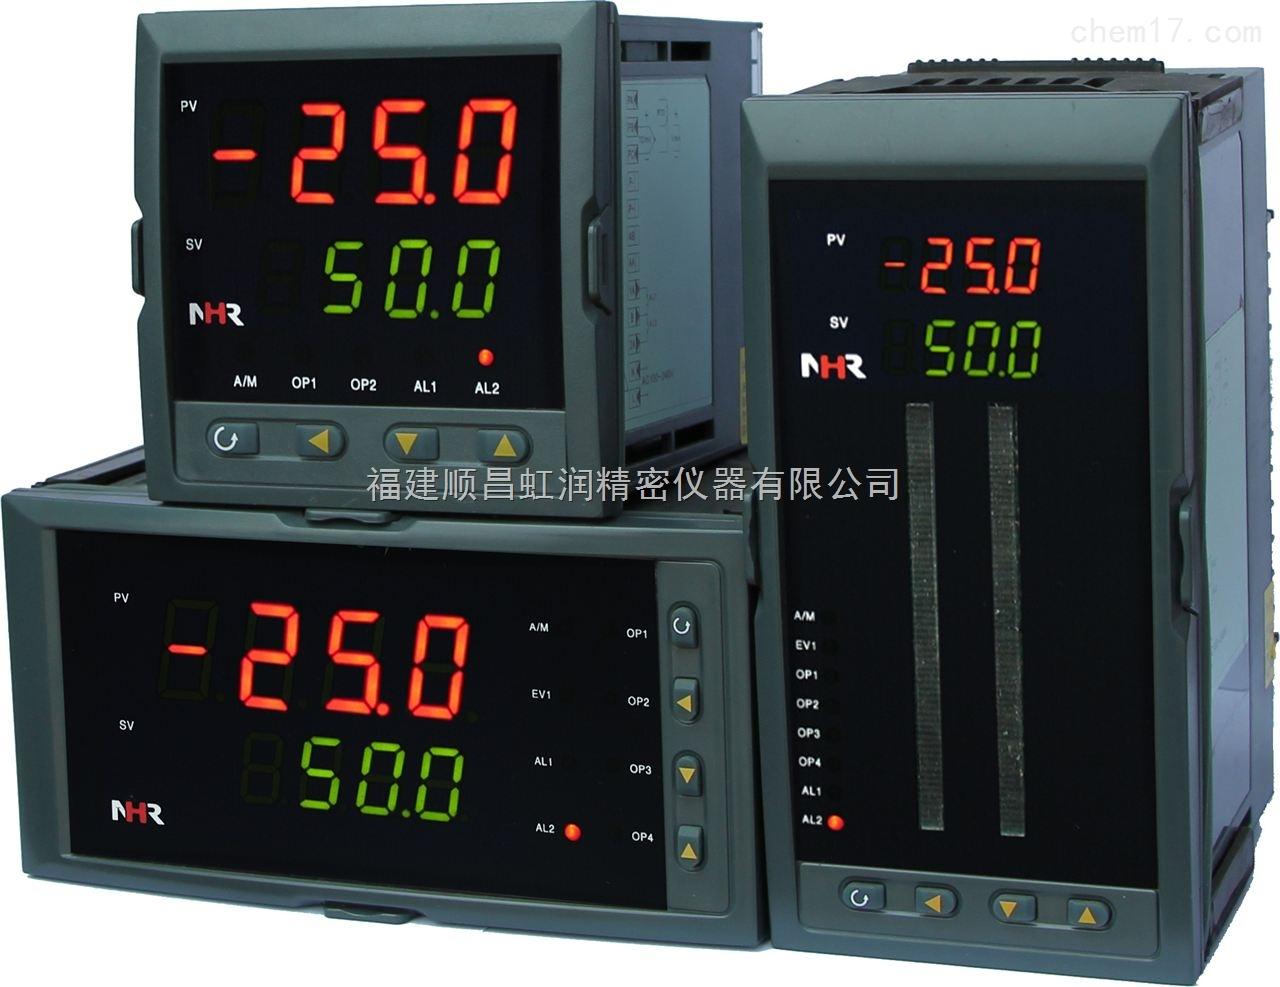 虹润NHR-5300系列人工智能PID调节器